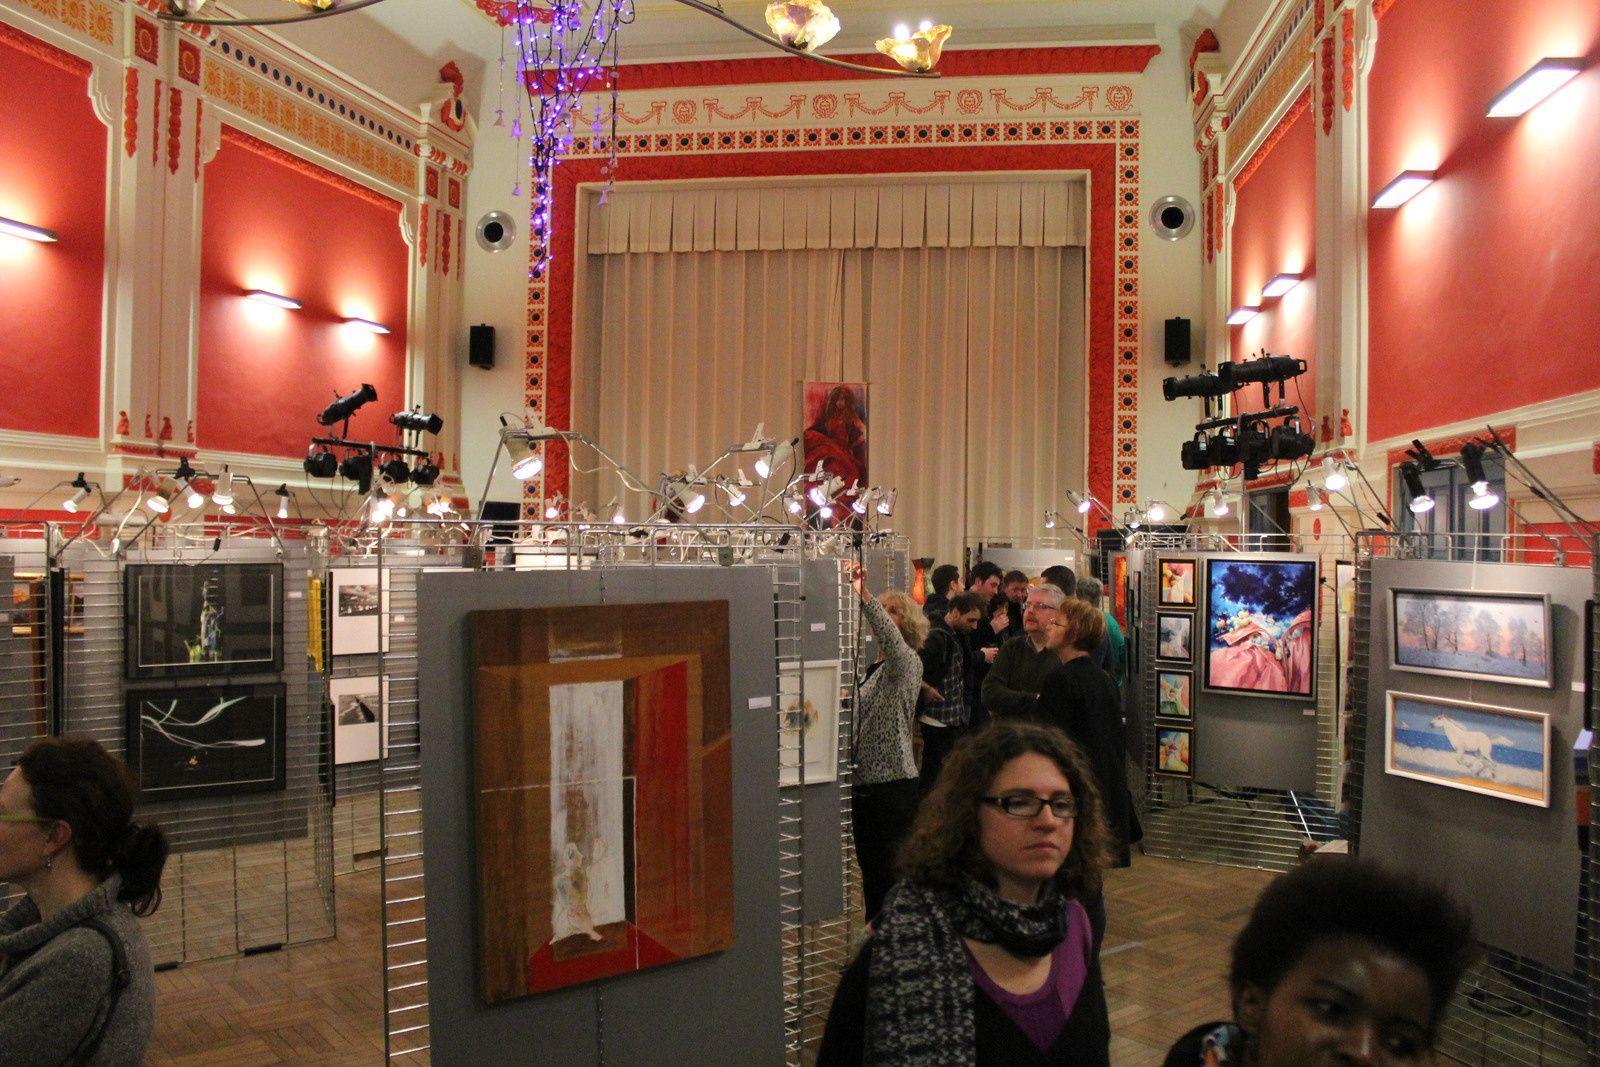 Soirée vernissage &quot&#x3B;Les Artistes locaux s'exposent&quot&#x3B; à Poulseur